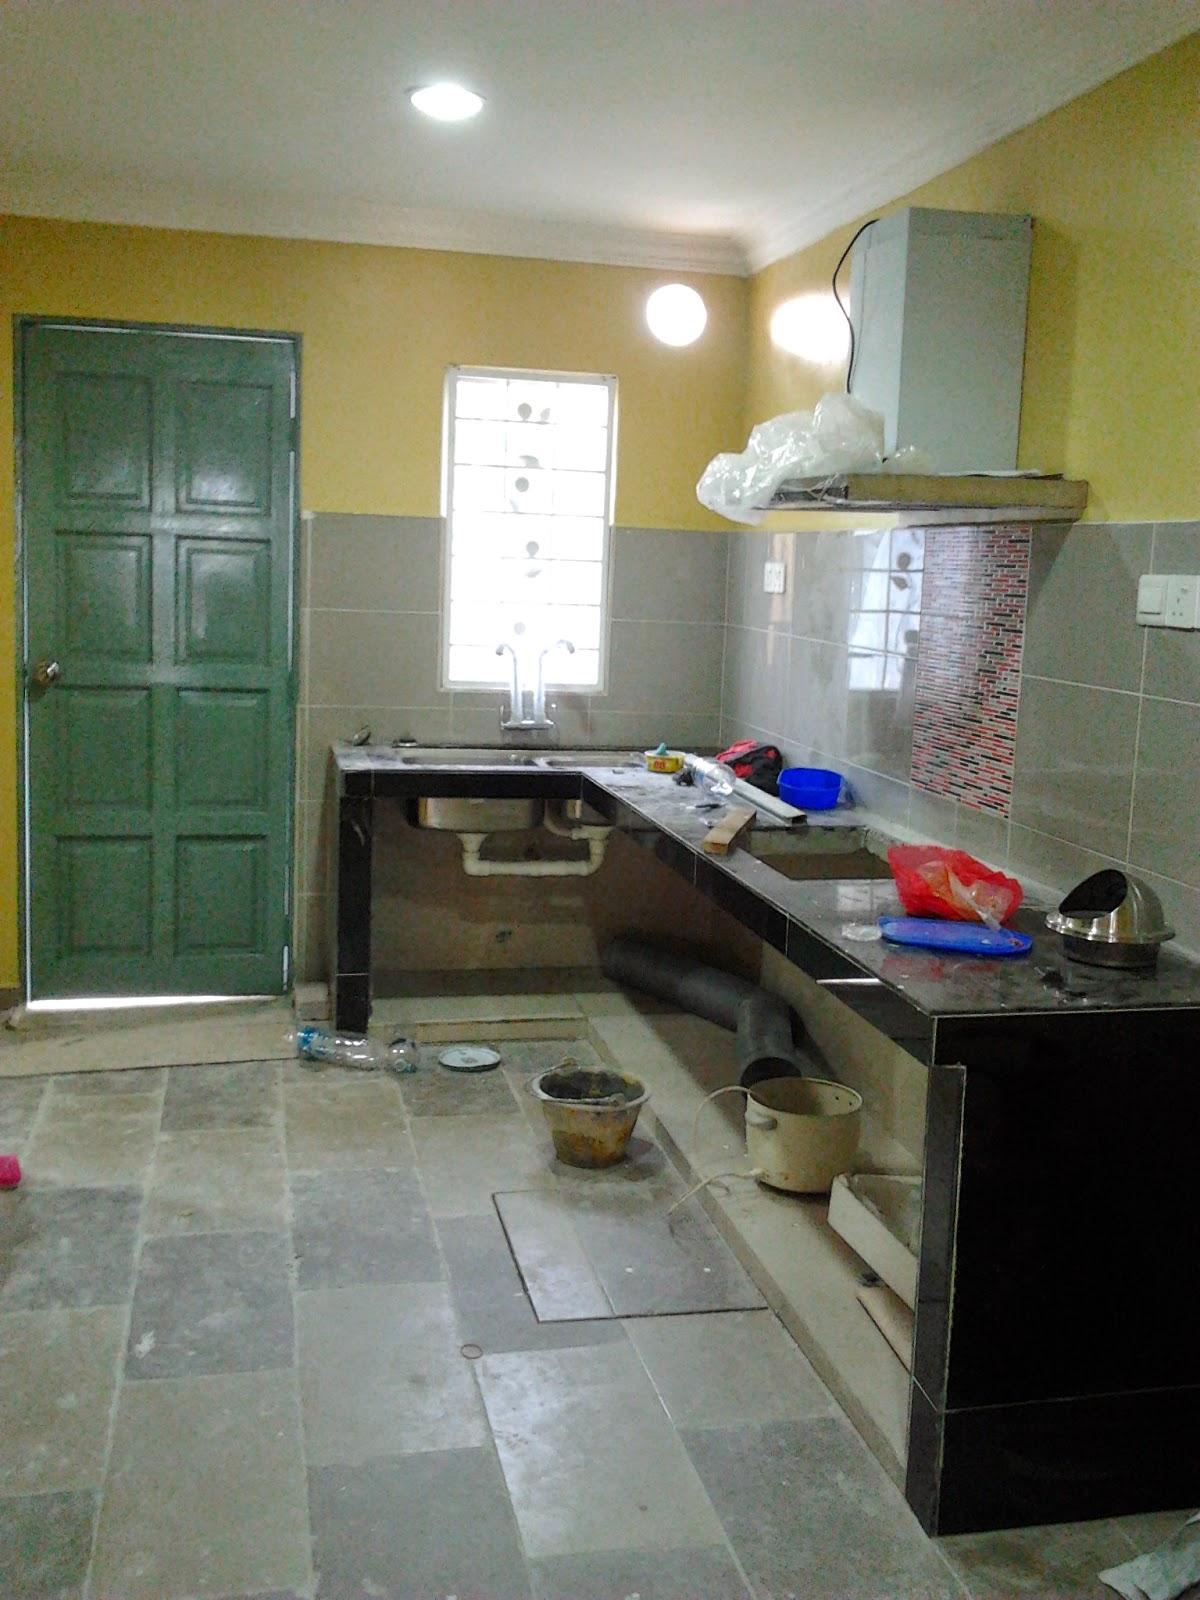 Dapur dah siap di cat. & السلام عليكم: UBAHSUAI RUMAH (TAMBAH DAPUR DAN TEMBOK BATU)